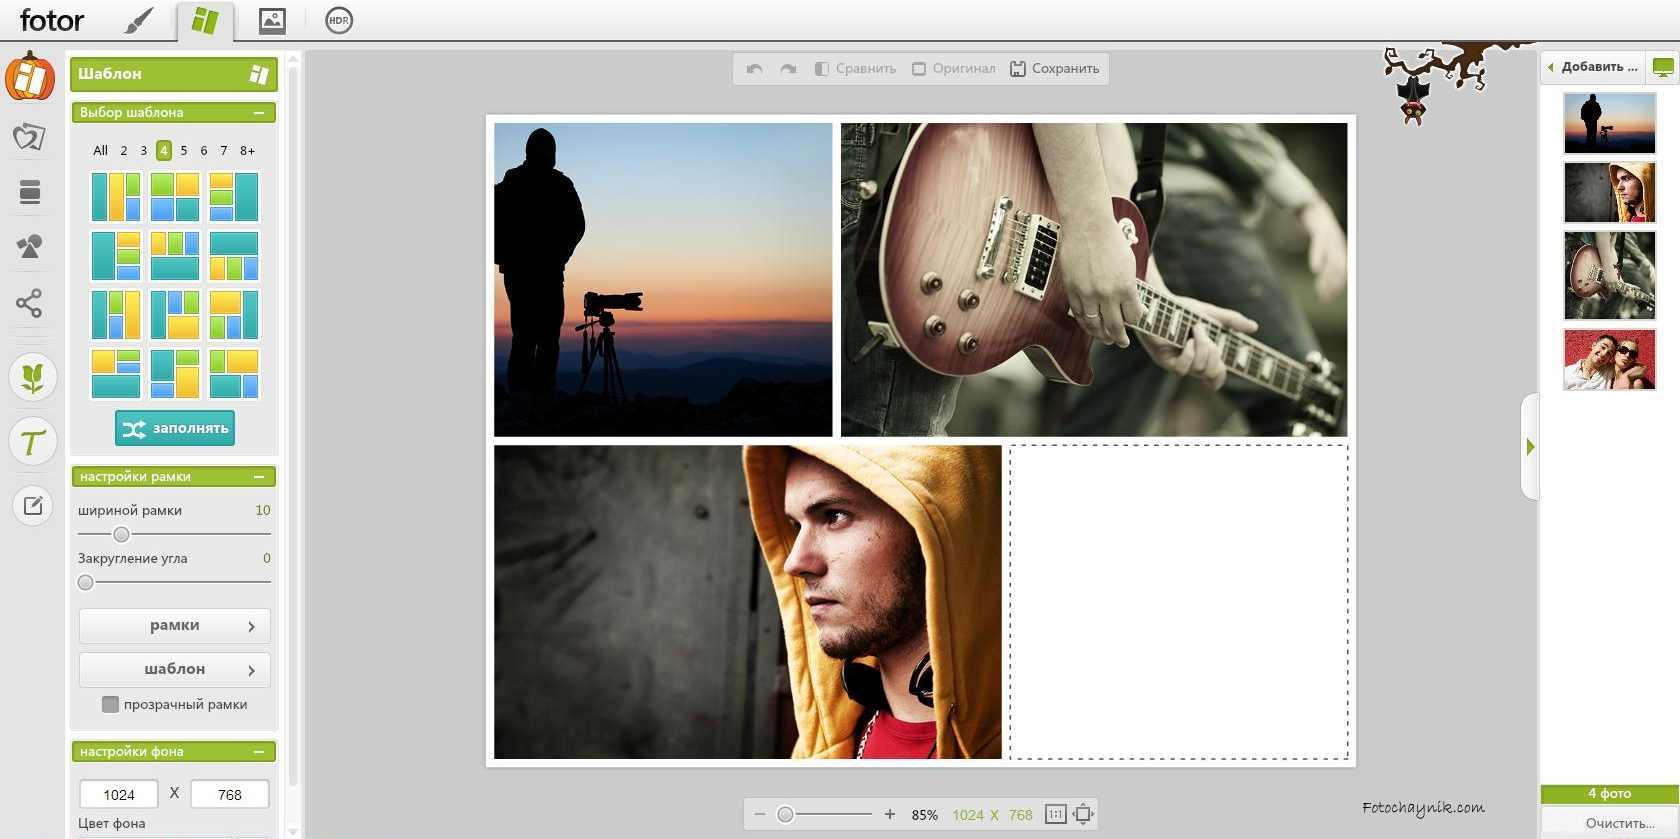 сделать из фото картинку онлайн